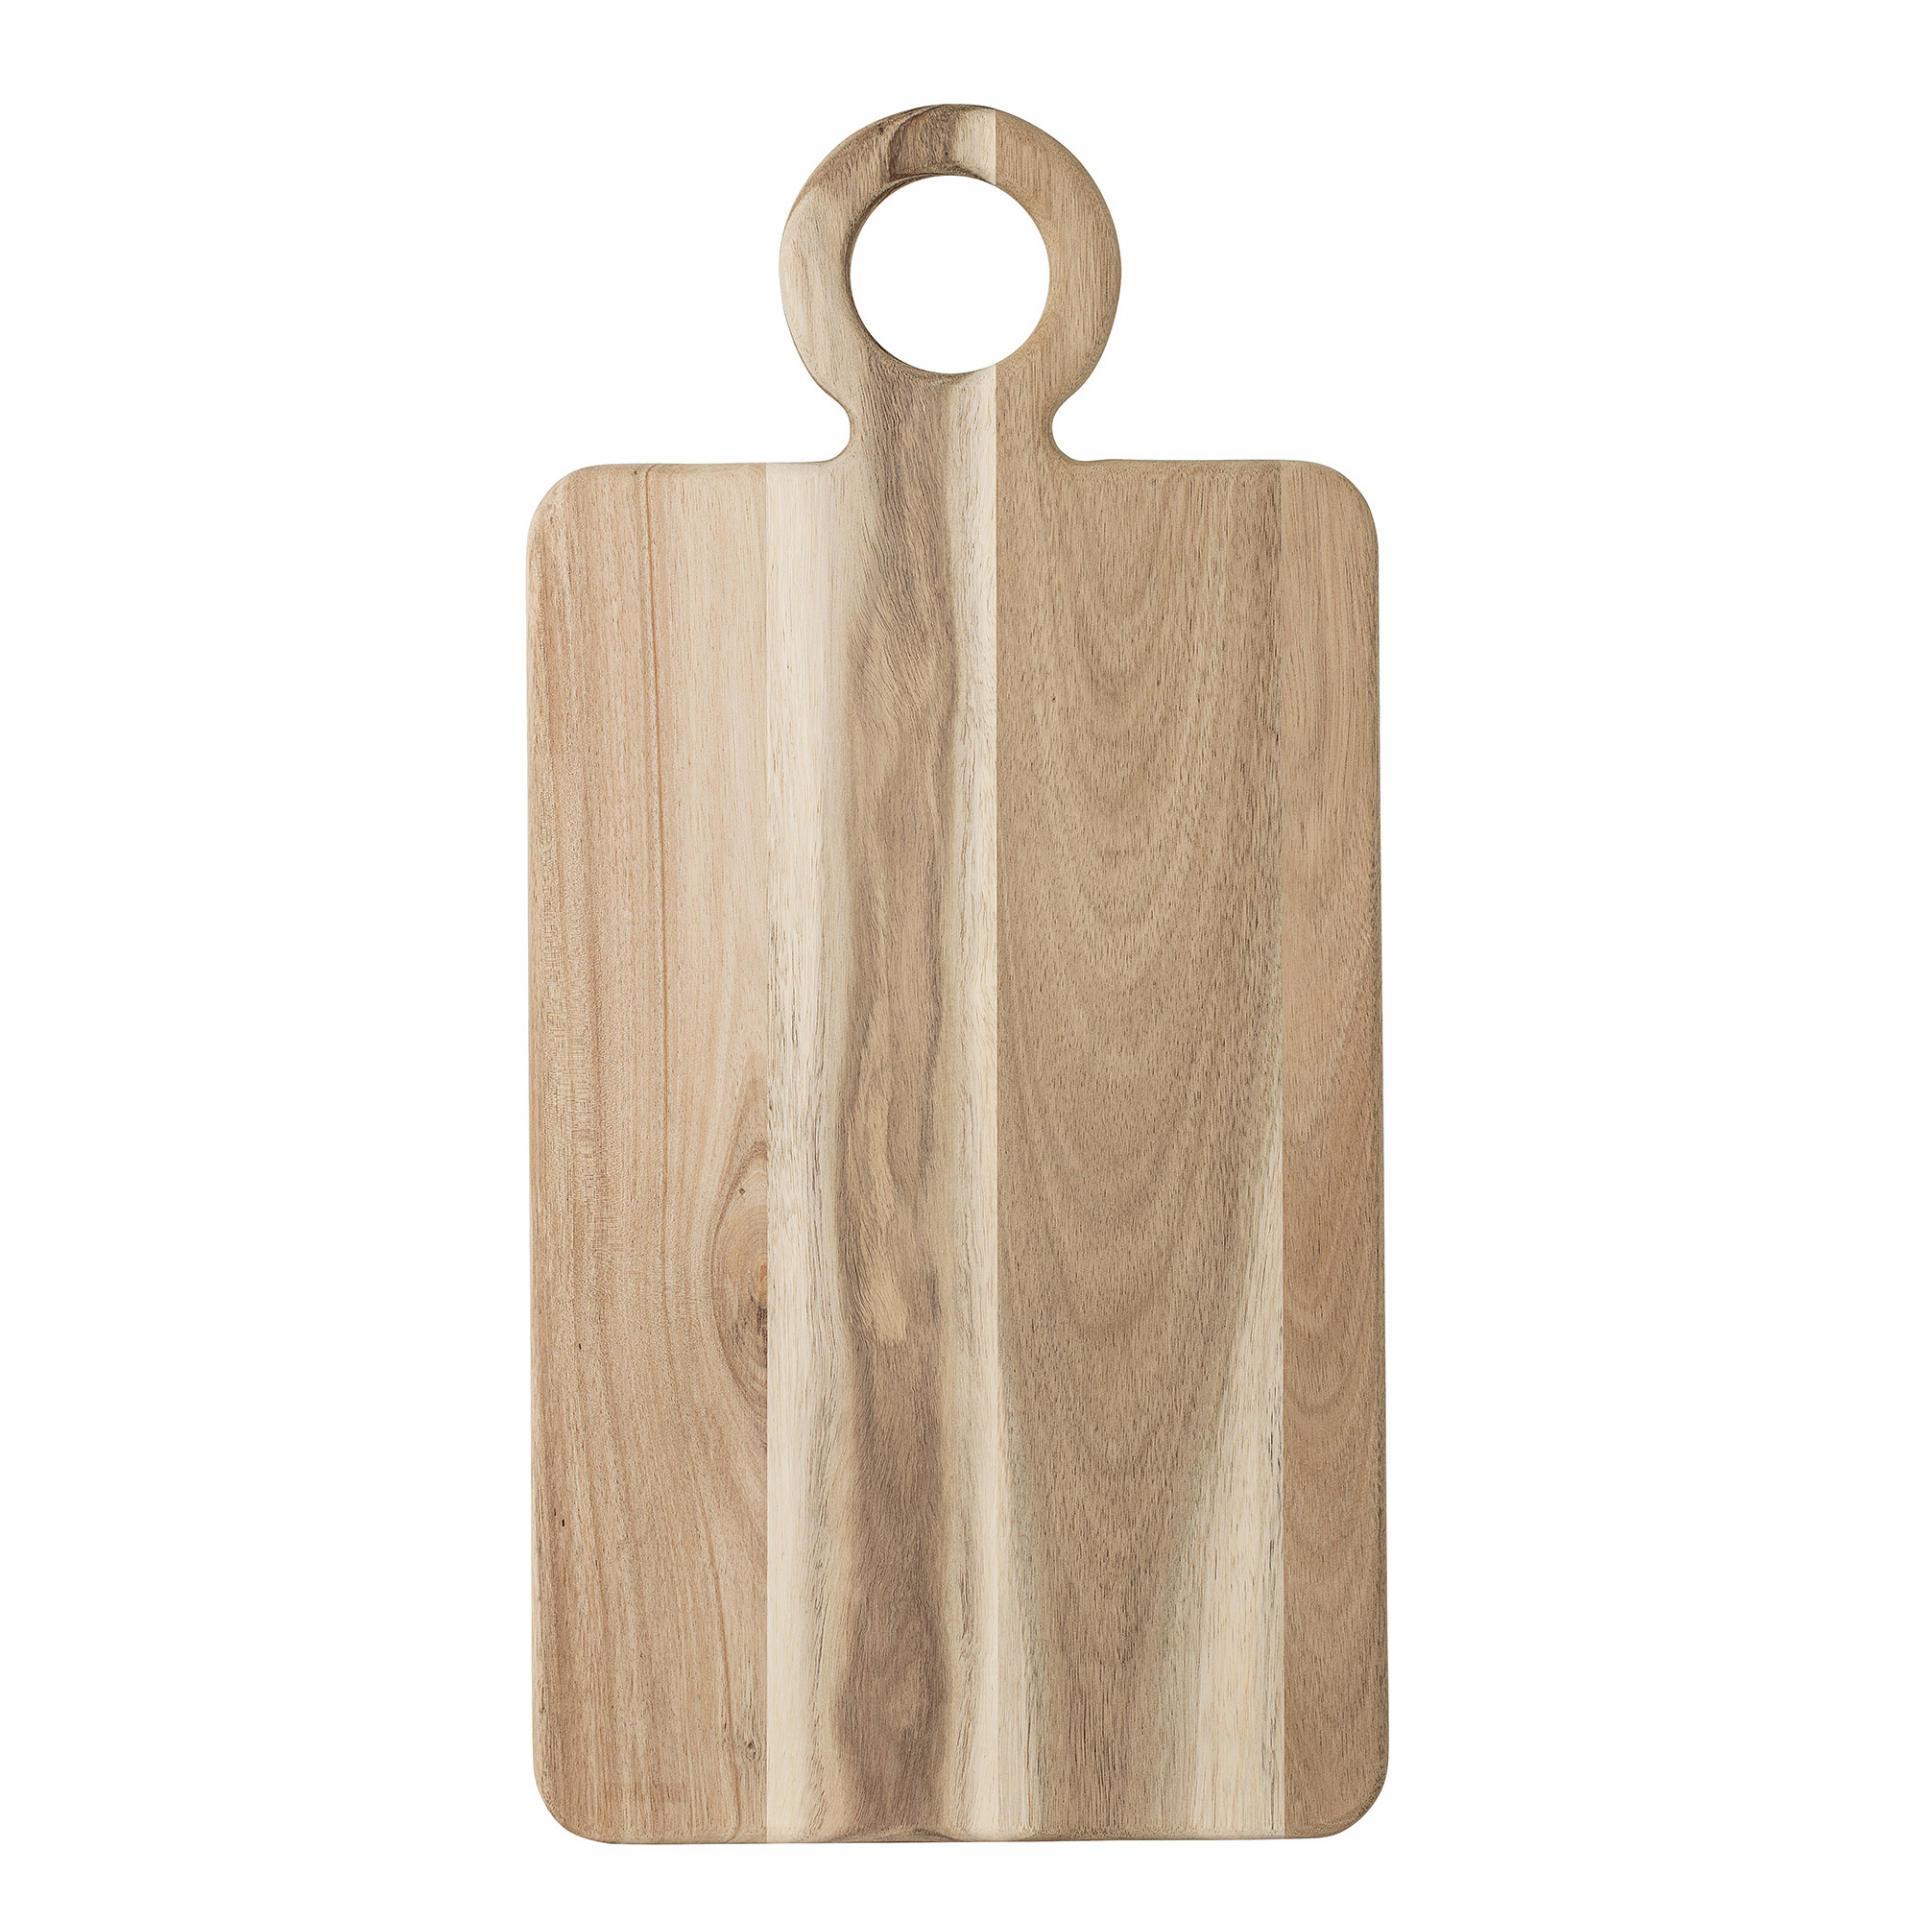 Bloomingville Krájecí prkénko Brown Acacia velké, hnědá barva, dřevo